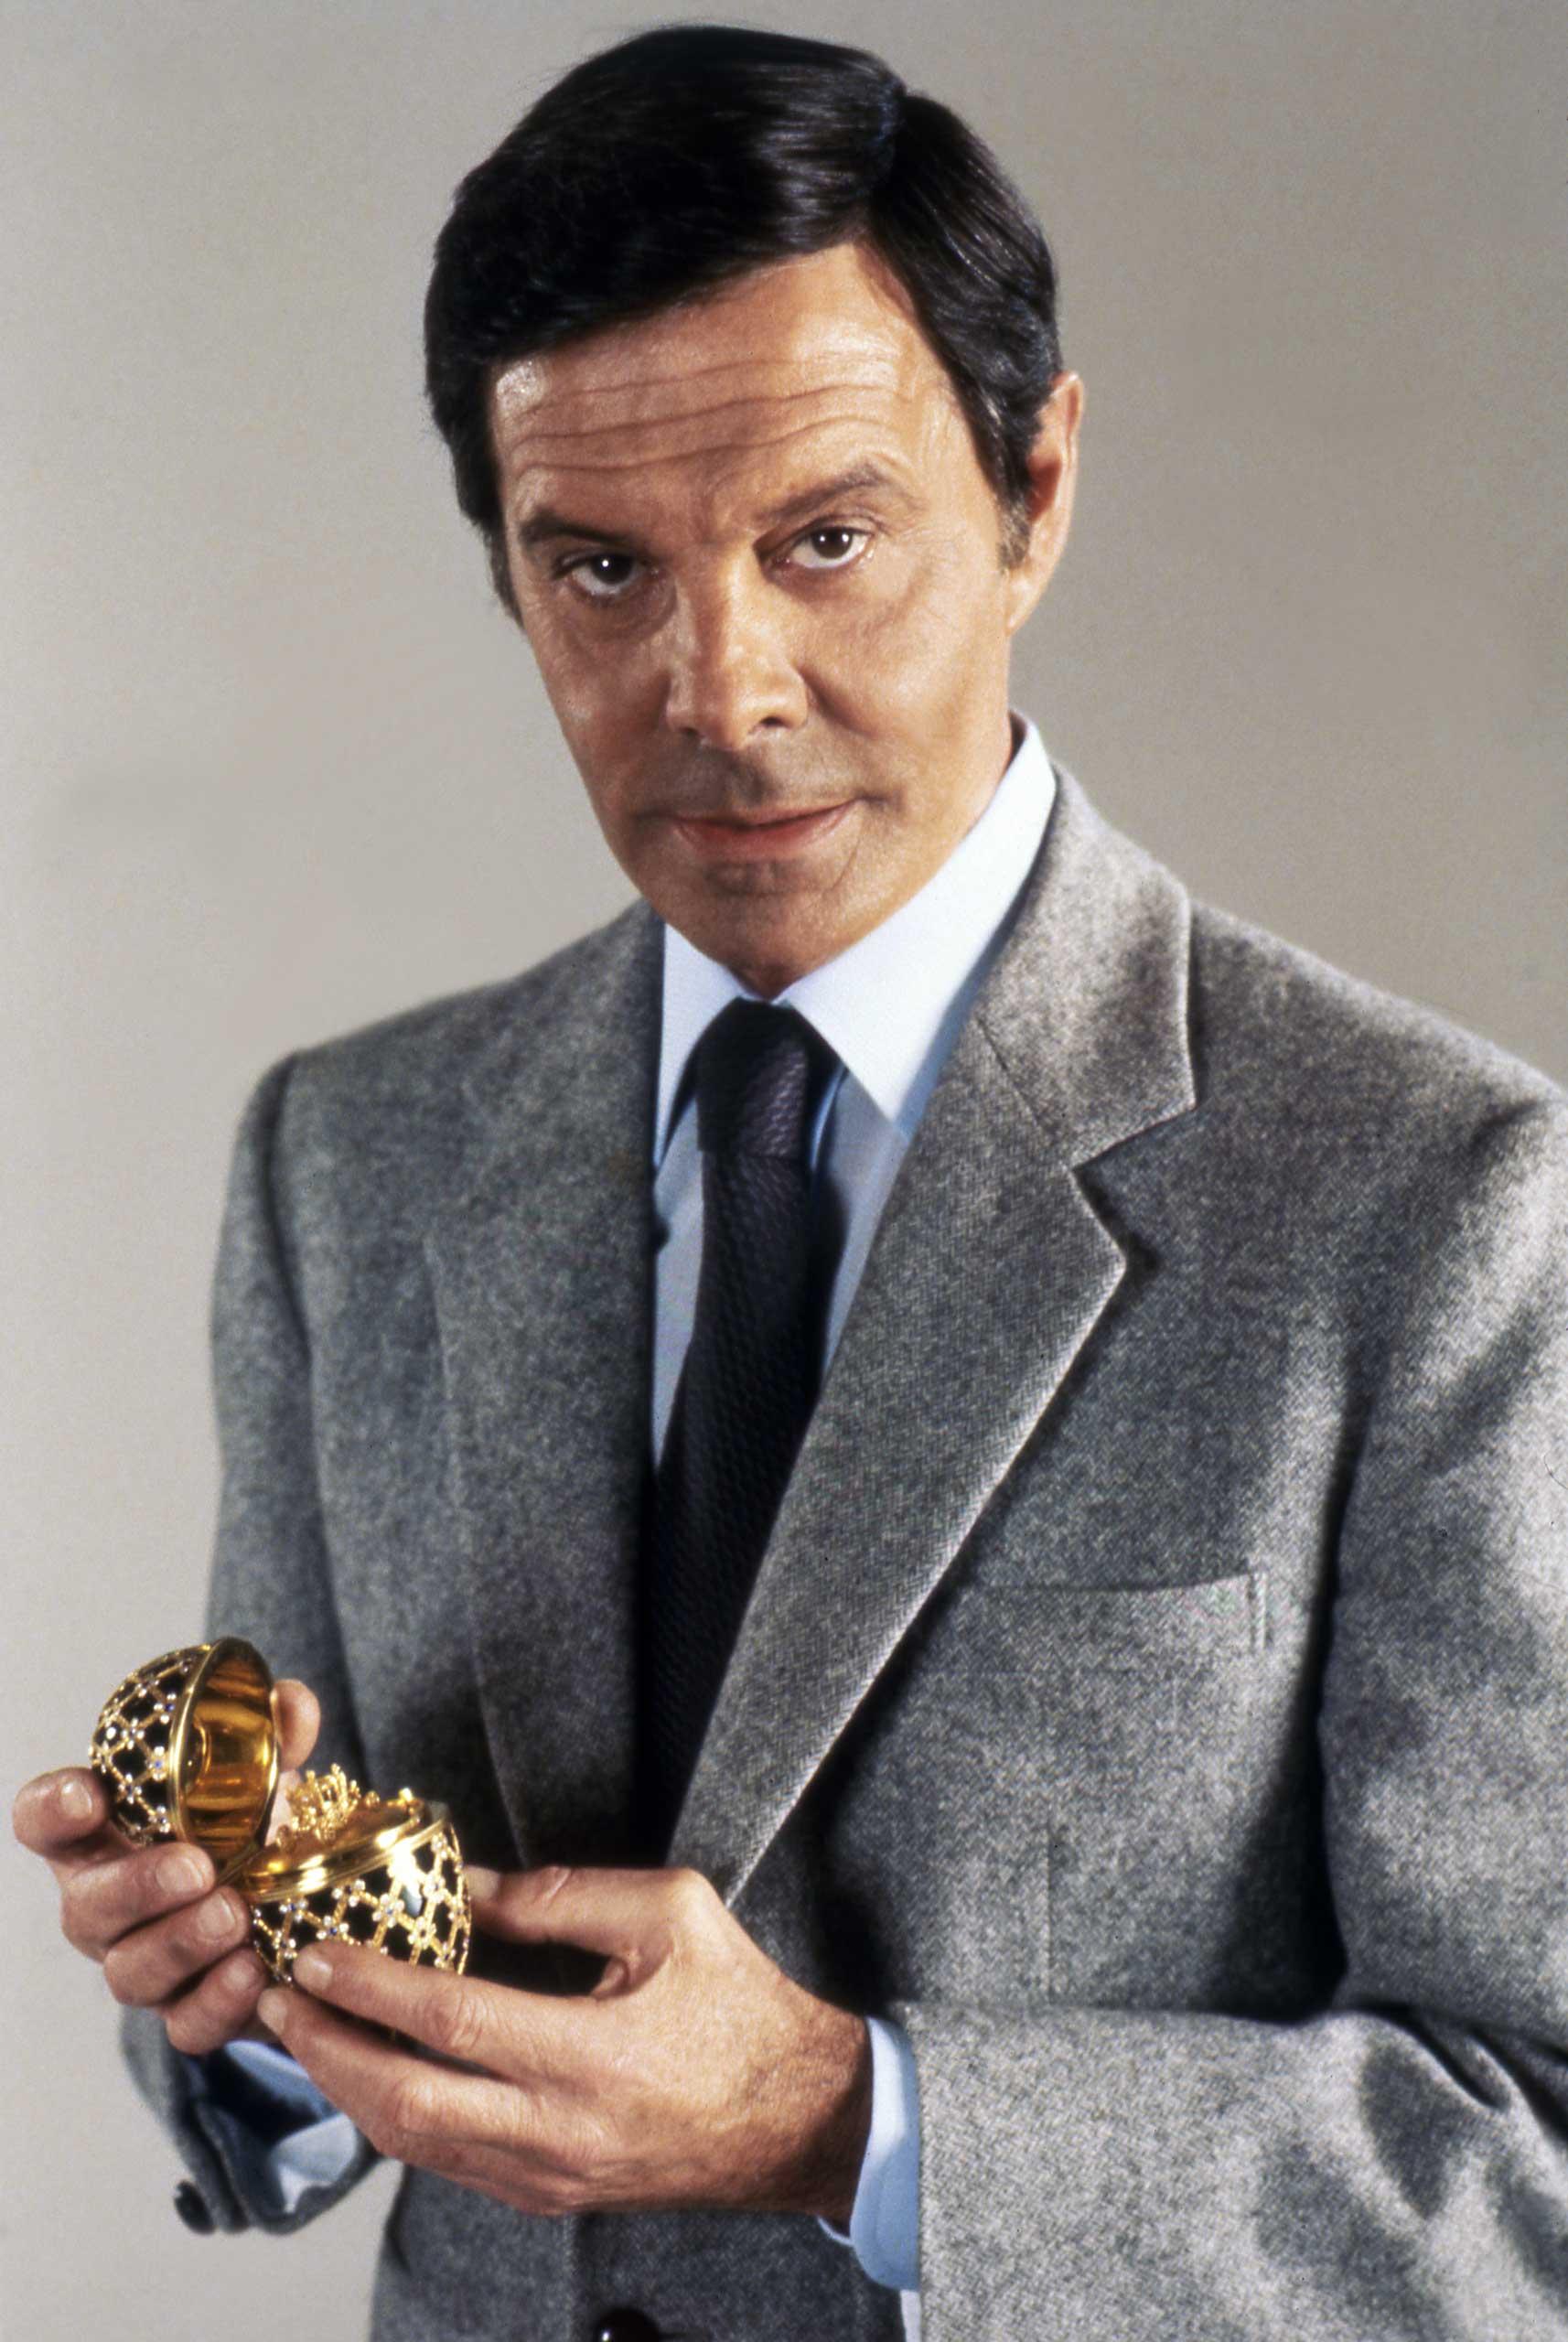 Louis Jourdan on the set of Octopussy.